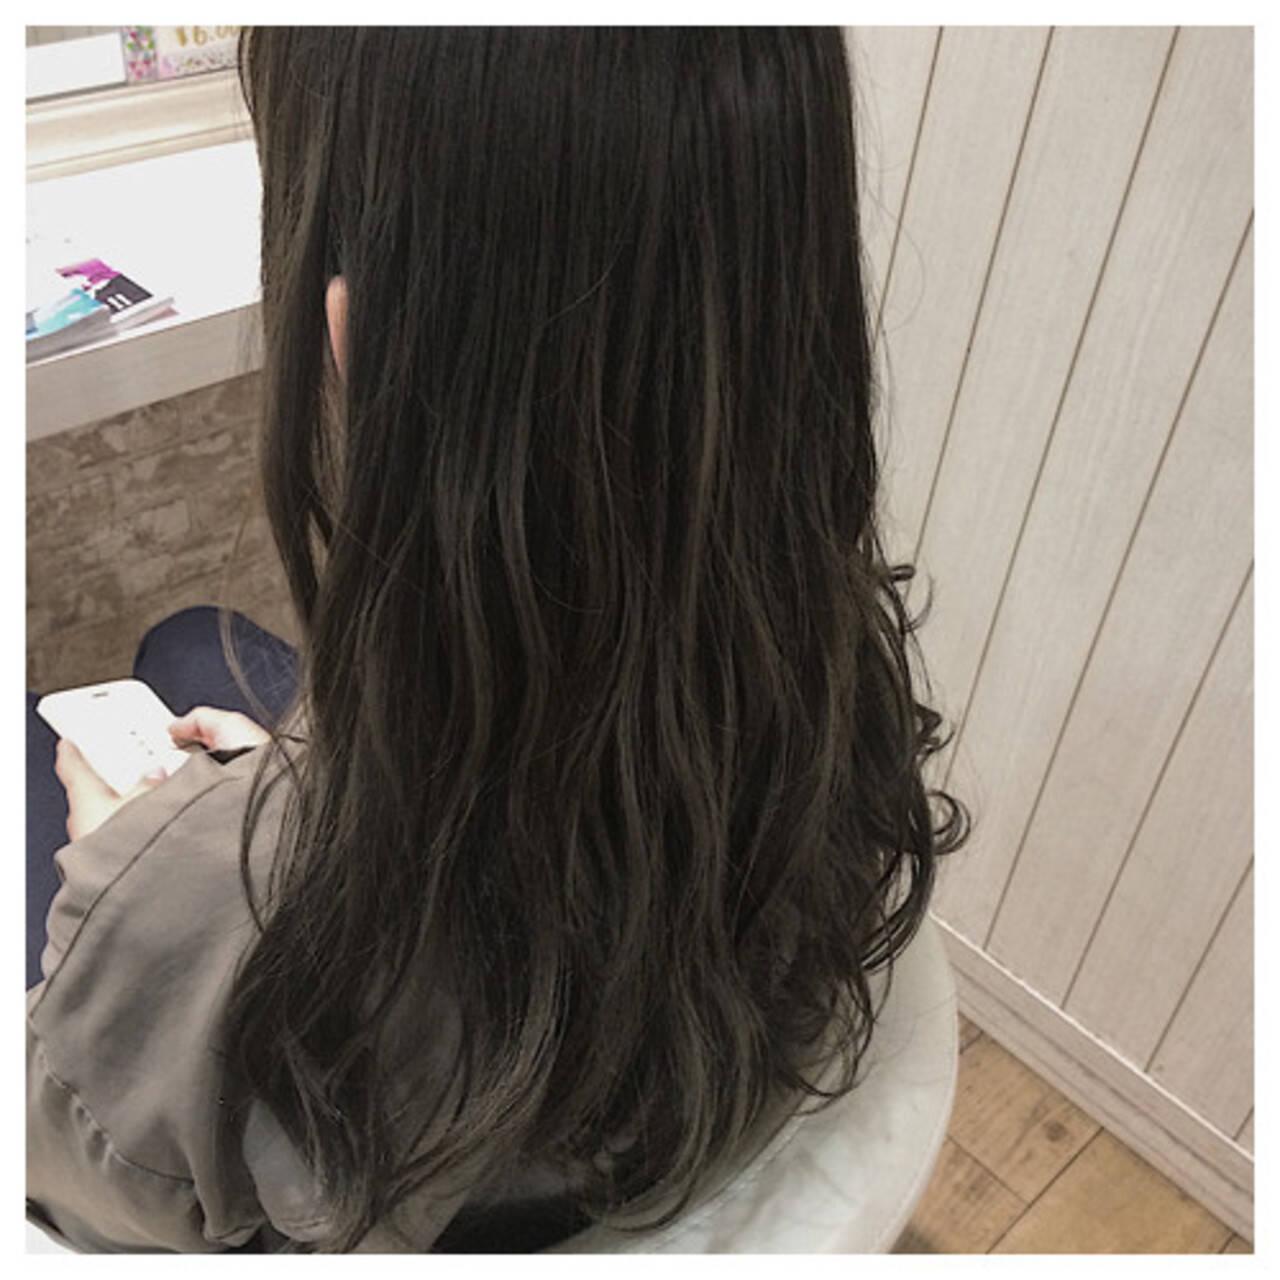 グレージュ アッシュベージュ ハイライト ミディアムヘアスタイルや髪型の写真・画像